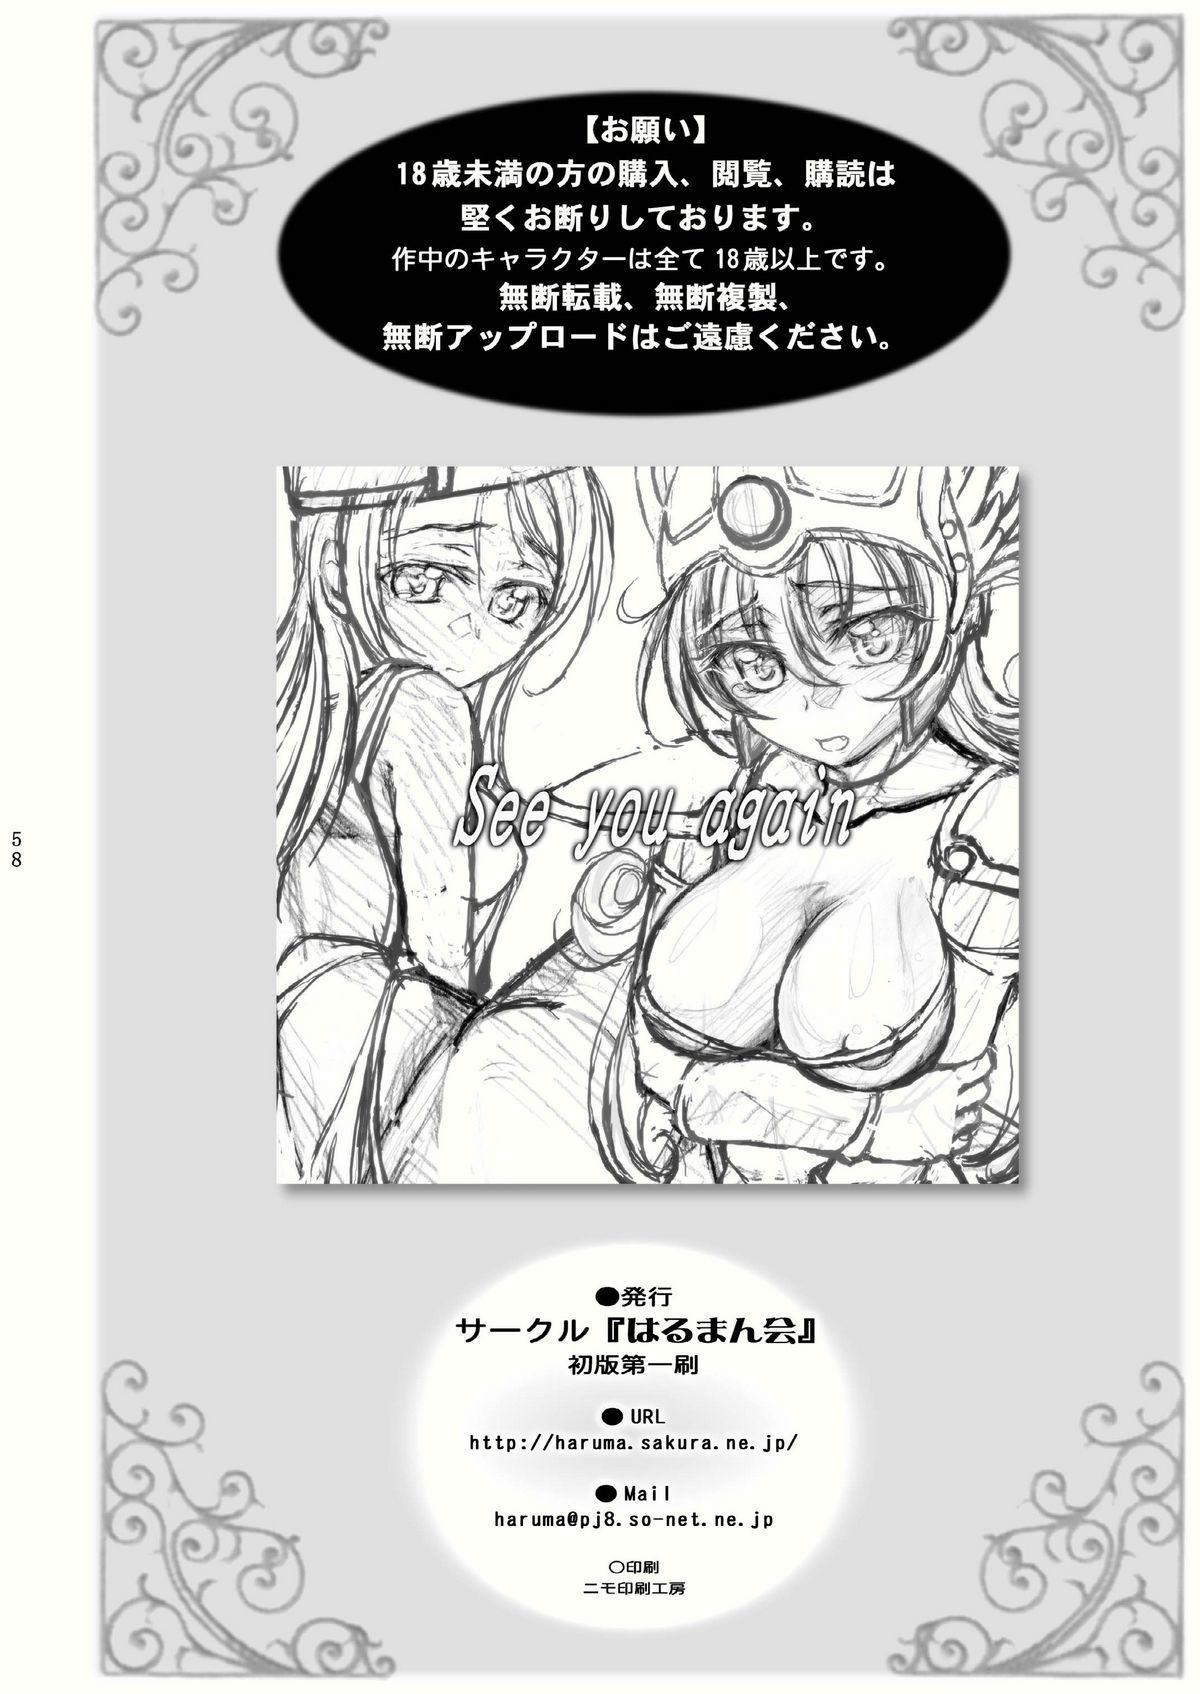 (C79) [Harumankai (Haruma Tokihiko)] Roto Shoujo - Kikan Gentei! hHangaku-chuu ♪ (Dragon Quest III) 57